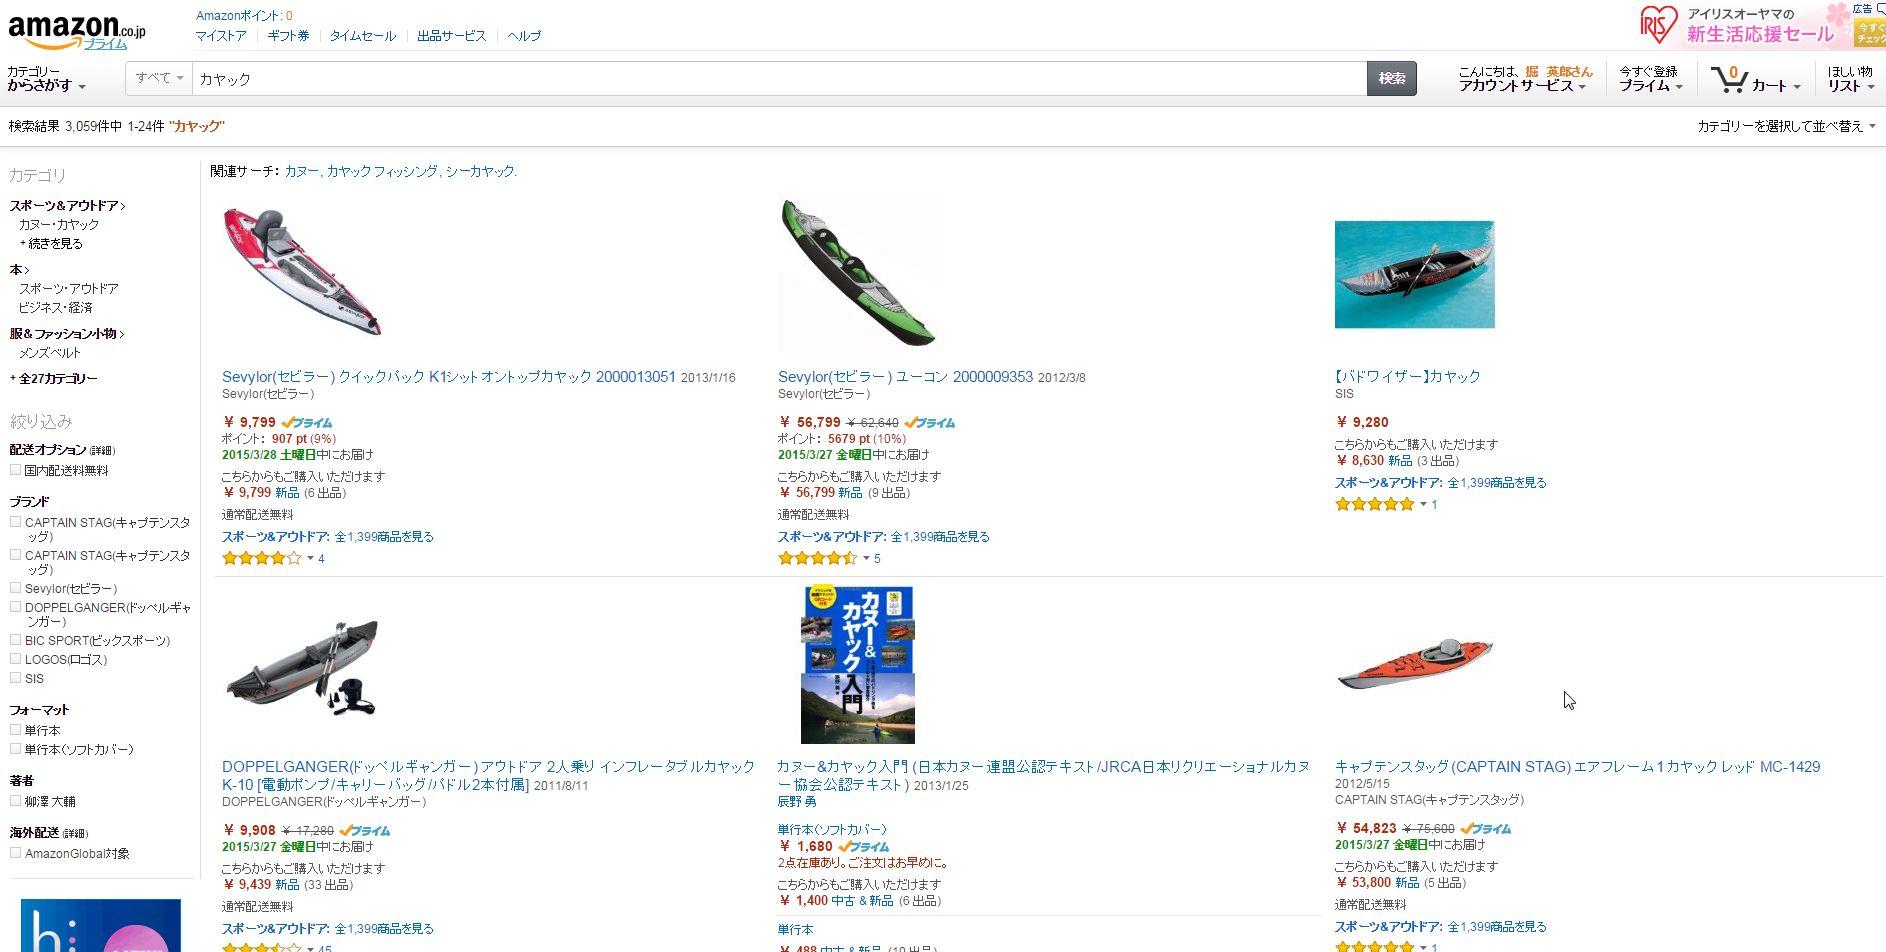 アマゾンでカヤックを検索